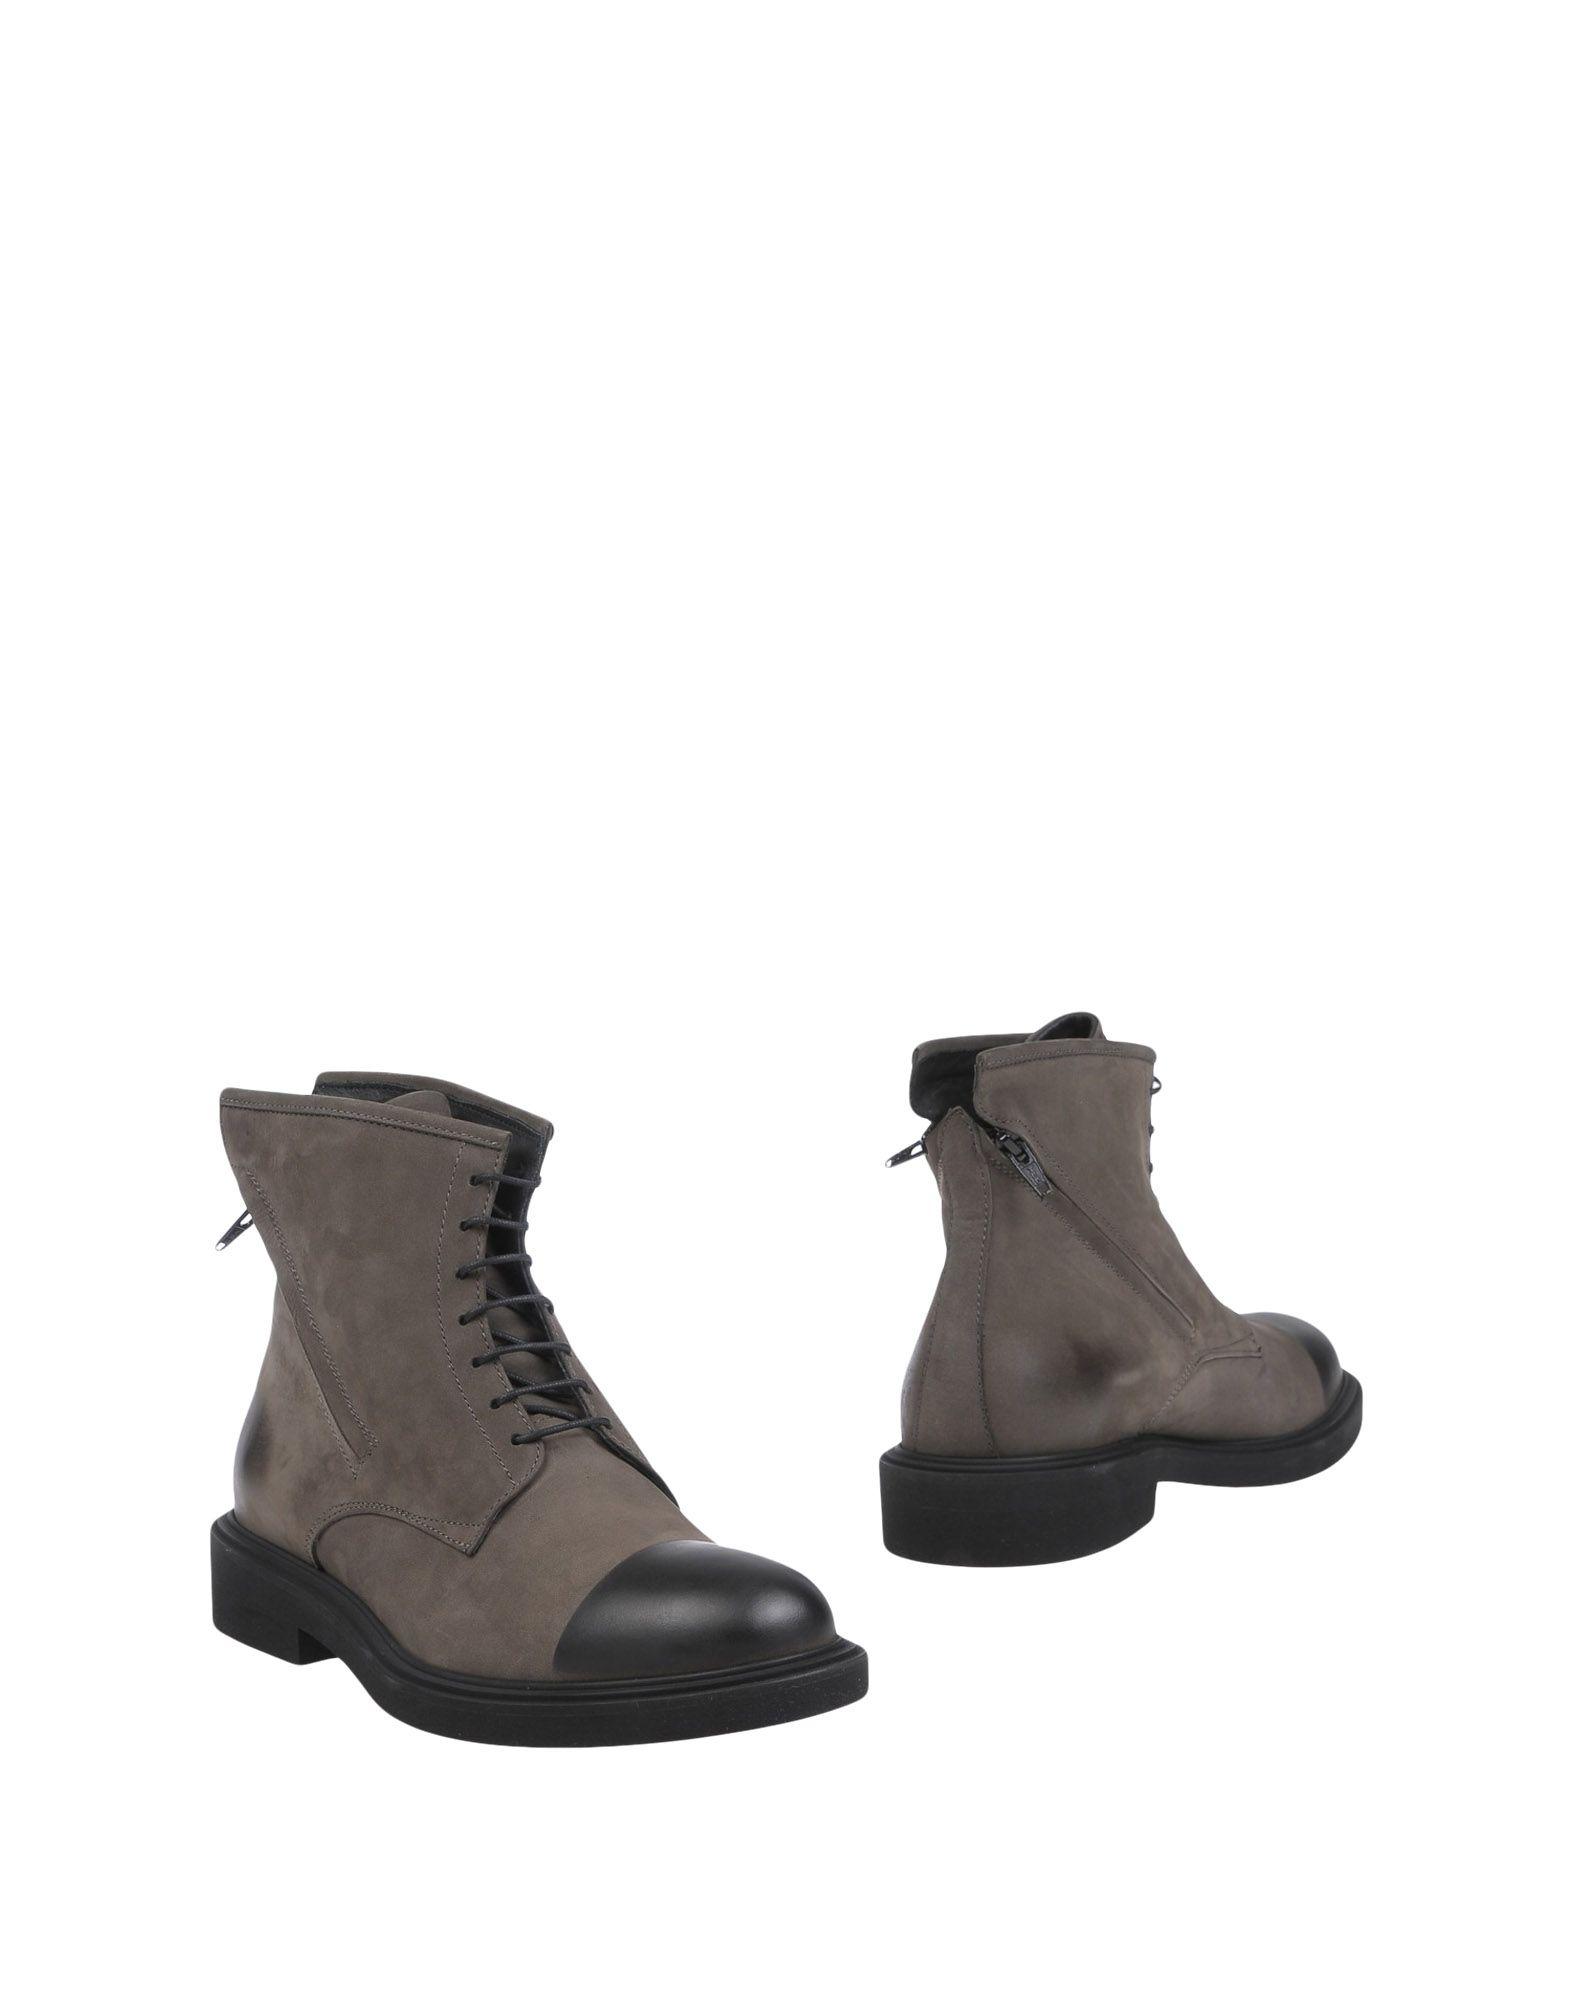 Rabatt echte Schuhe Bruno Bordese Stiefelette Herren  11289419MU